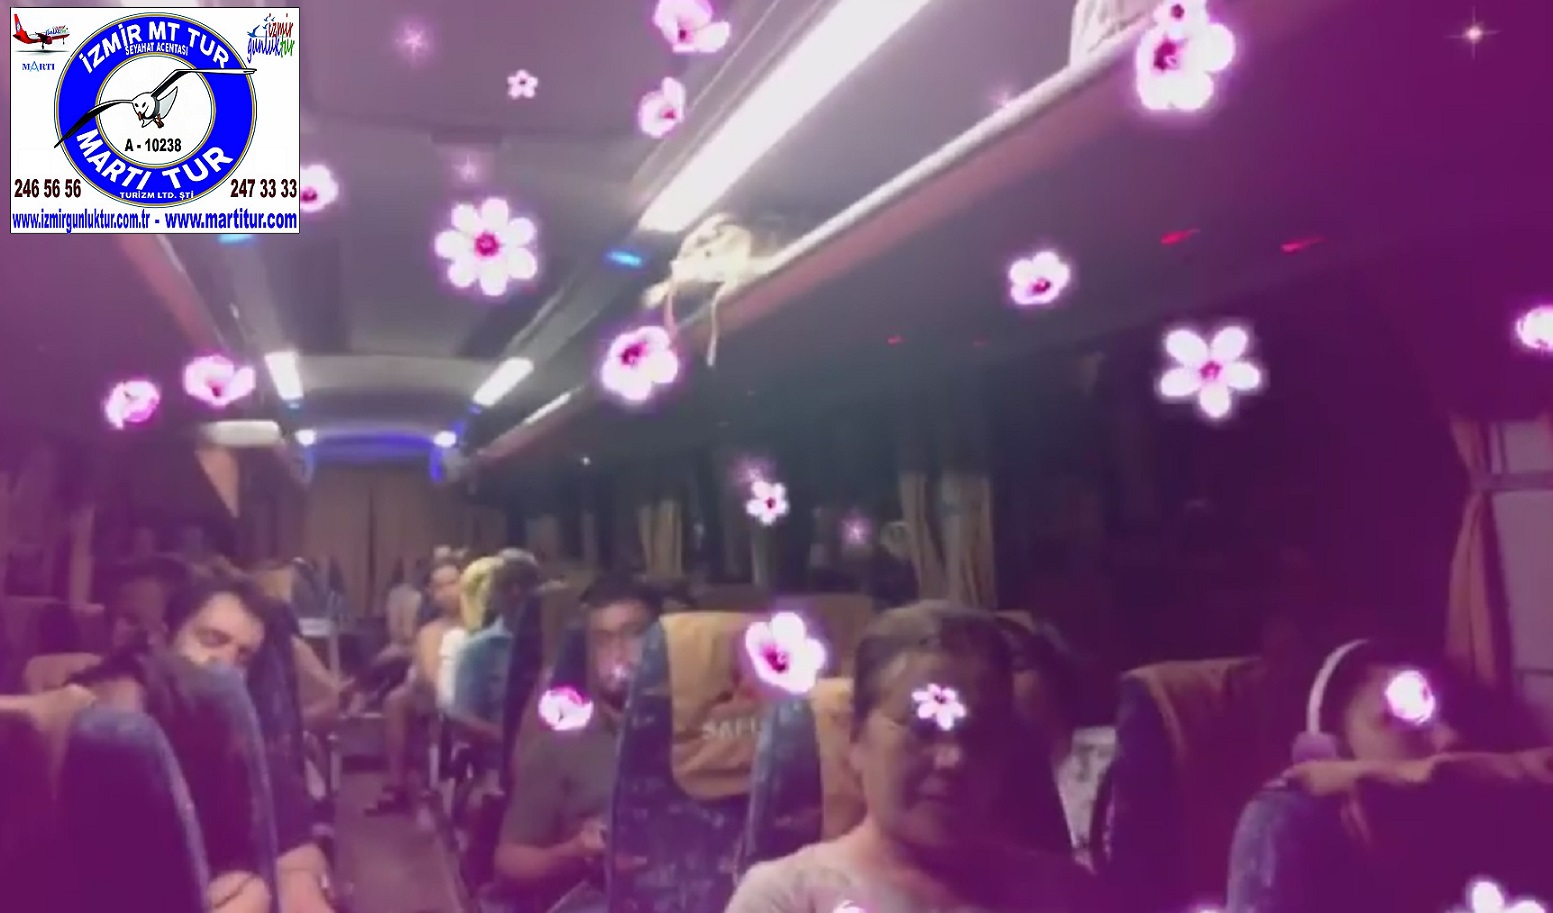 İzmir Cikisli Erken Yılbaşı Bursa Kırcı Termal Otel